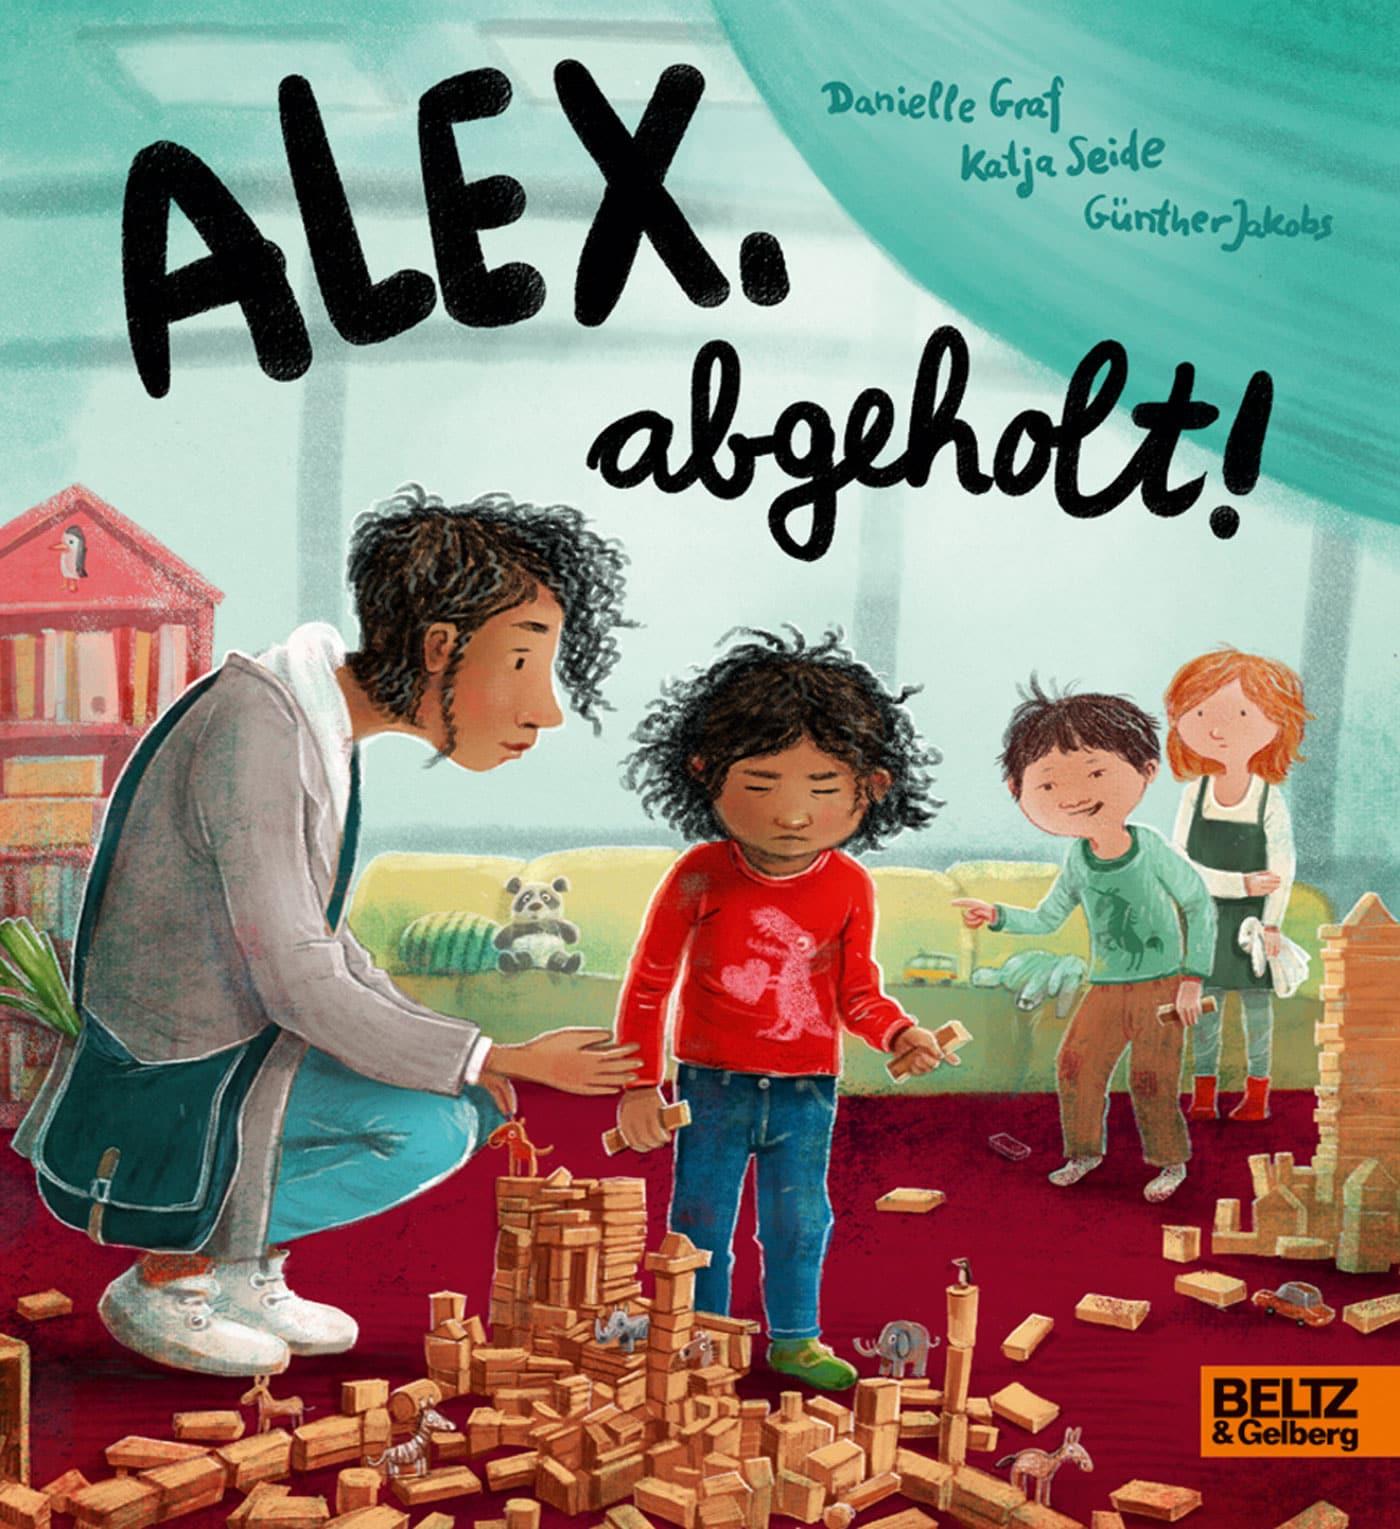 Kinderperspektiven – Kinderbuch-Tipp: Alex abgeholt! // HIMBEER